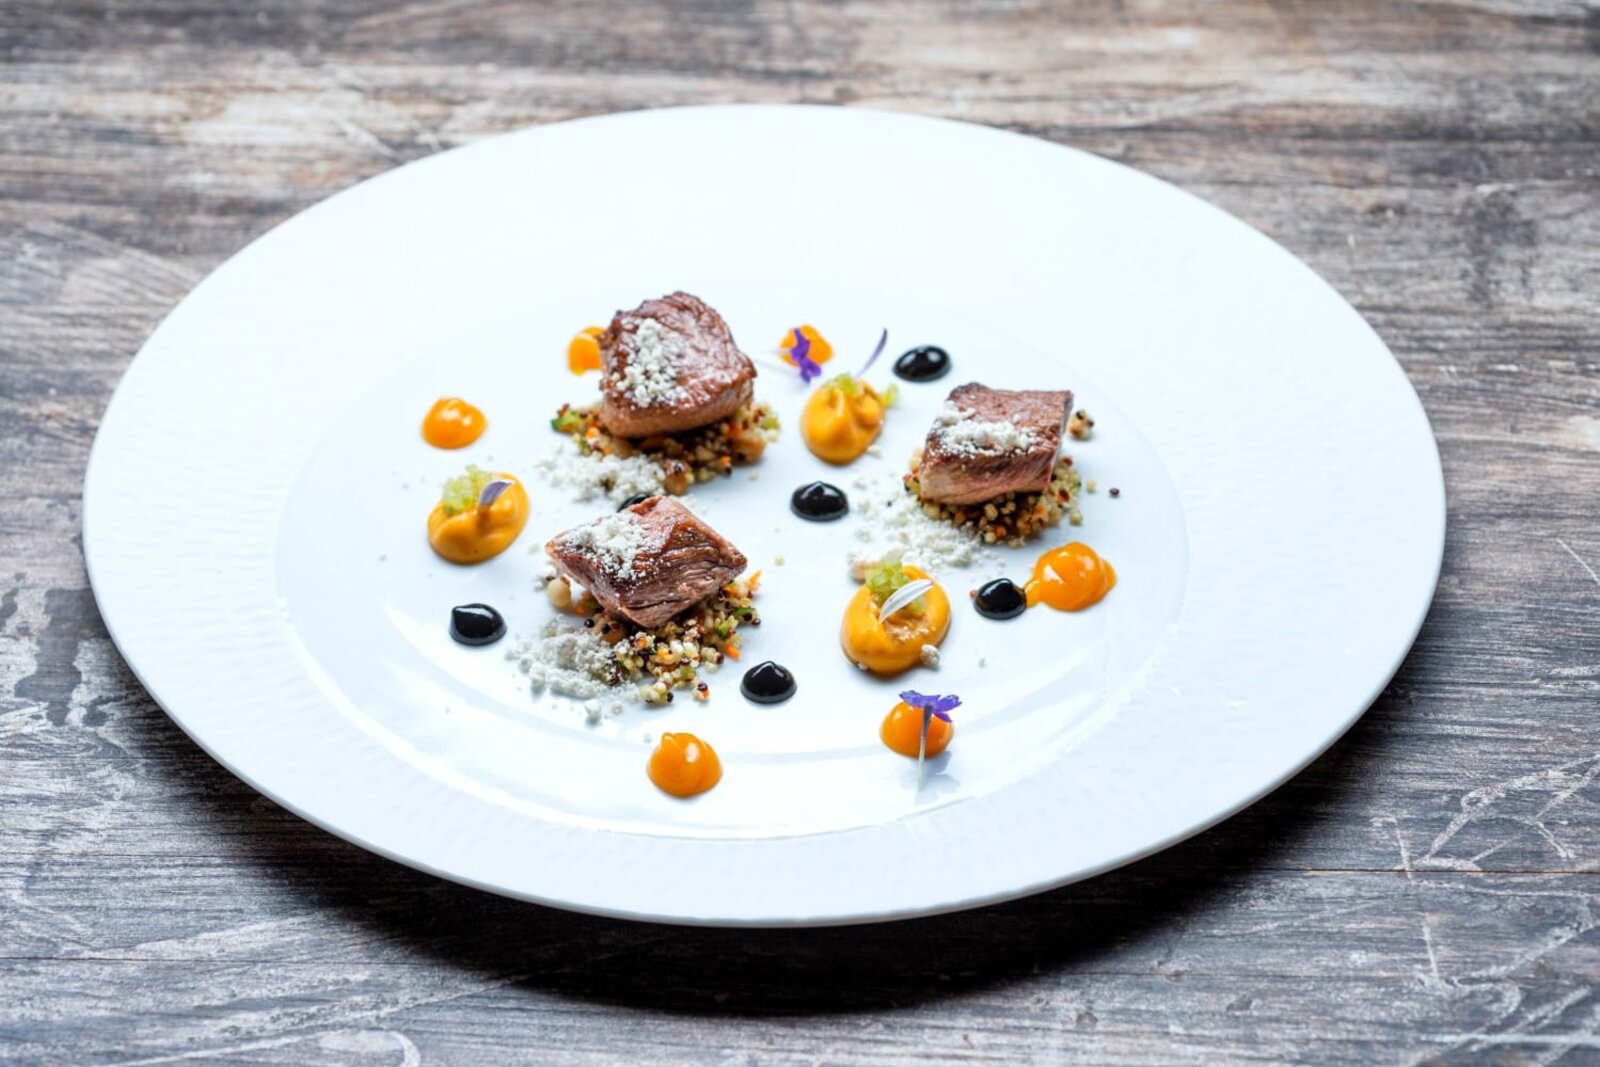 PATANEGRA57-Presa ibérica con boniato y quinoa real